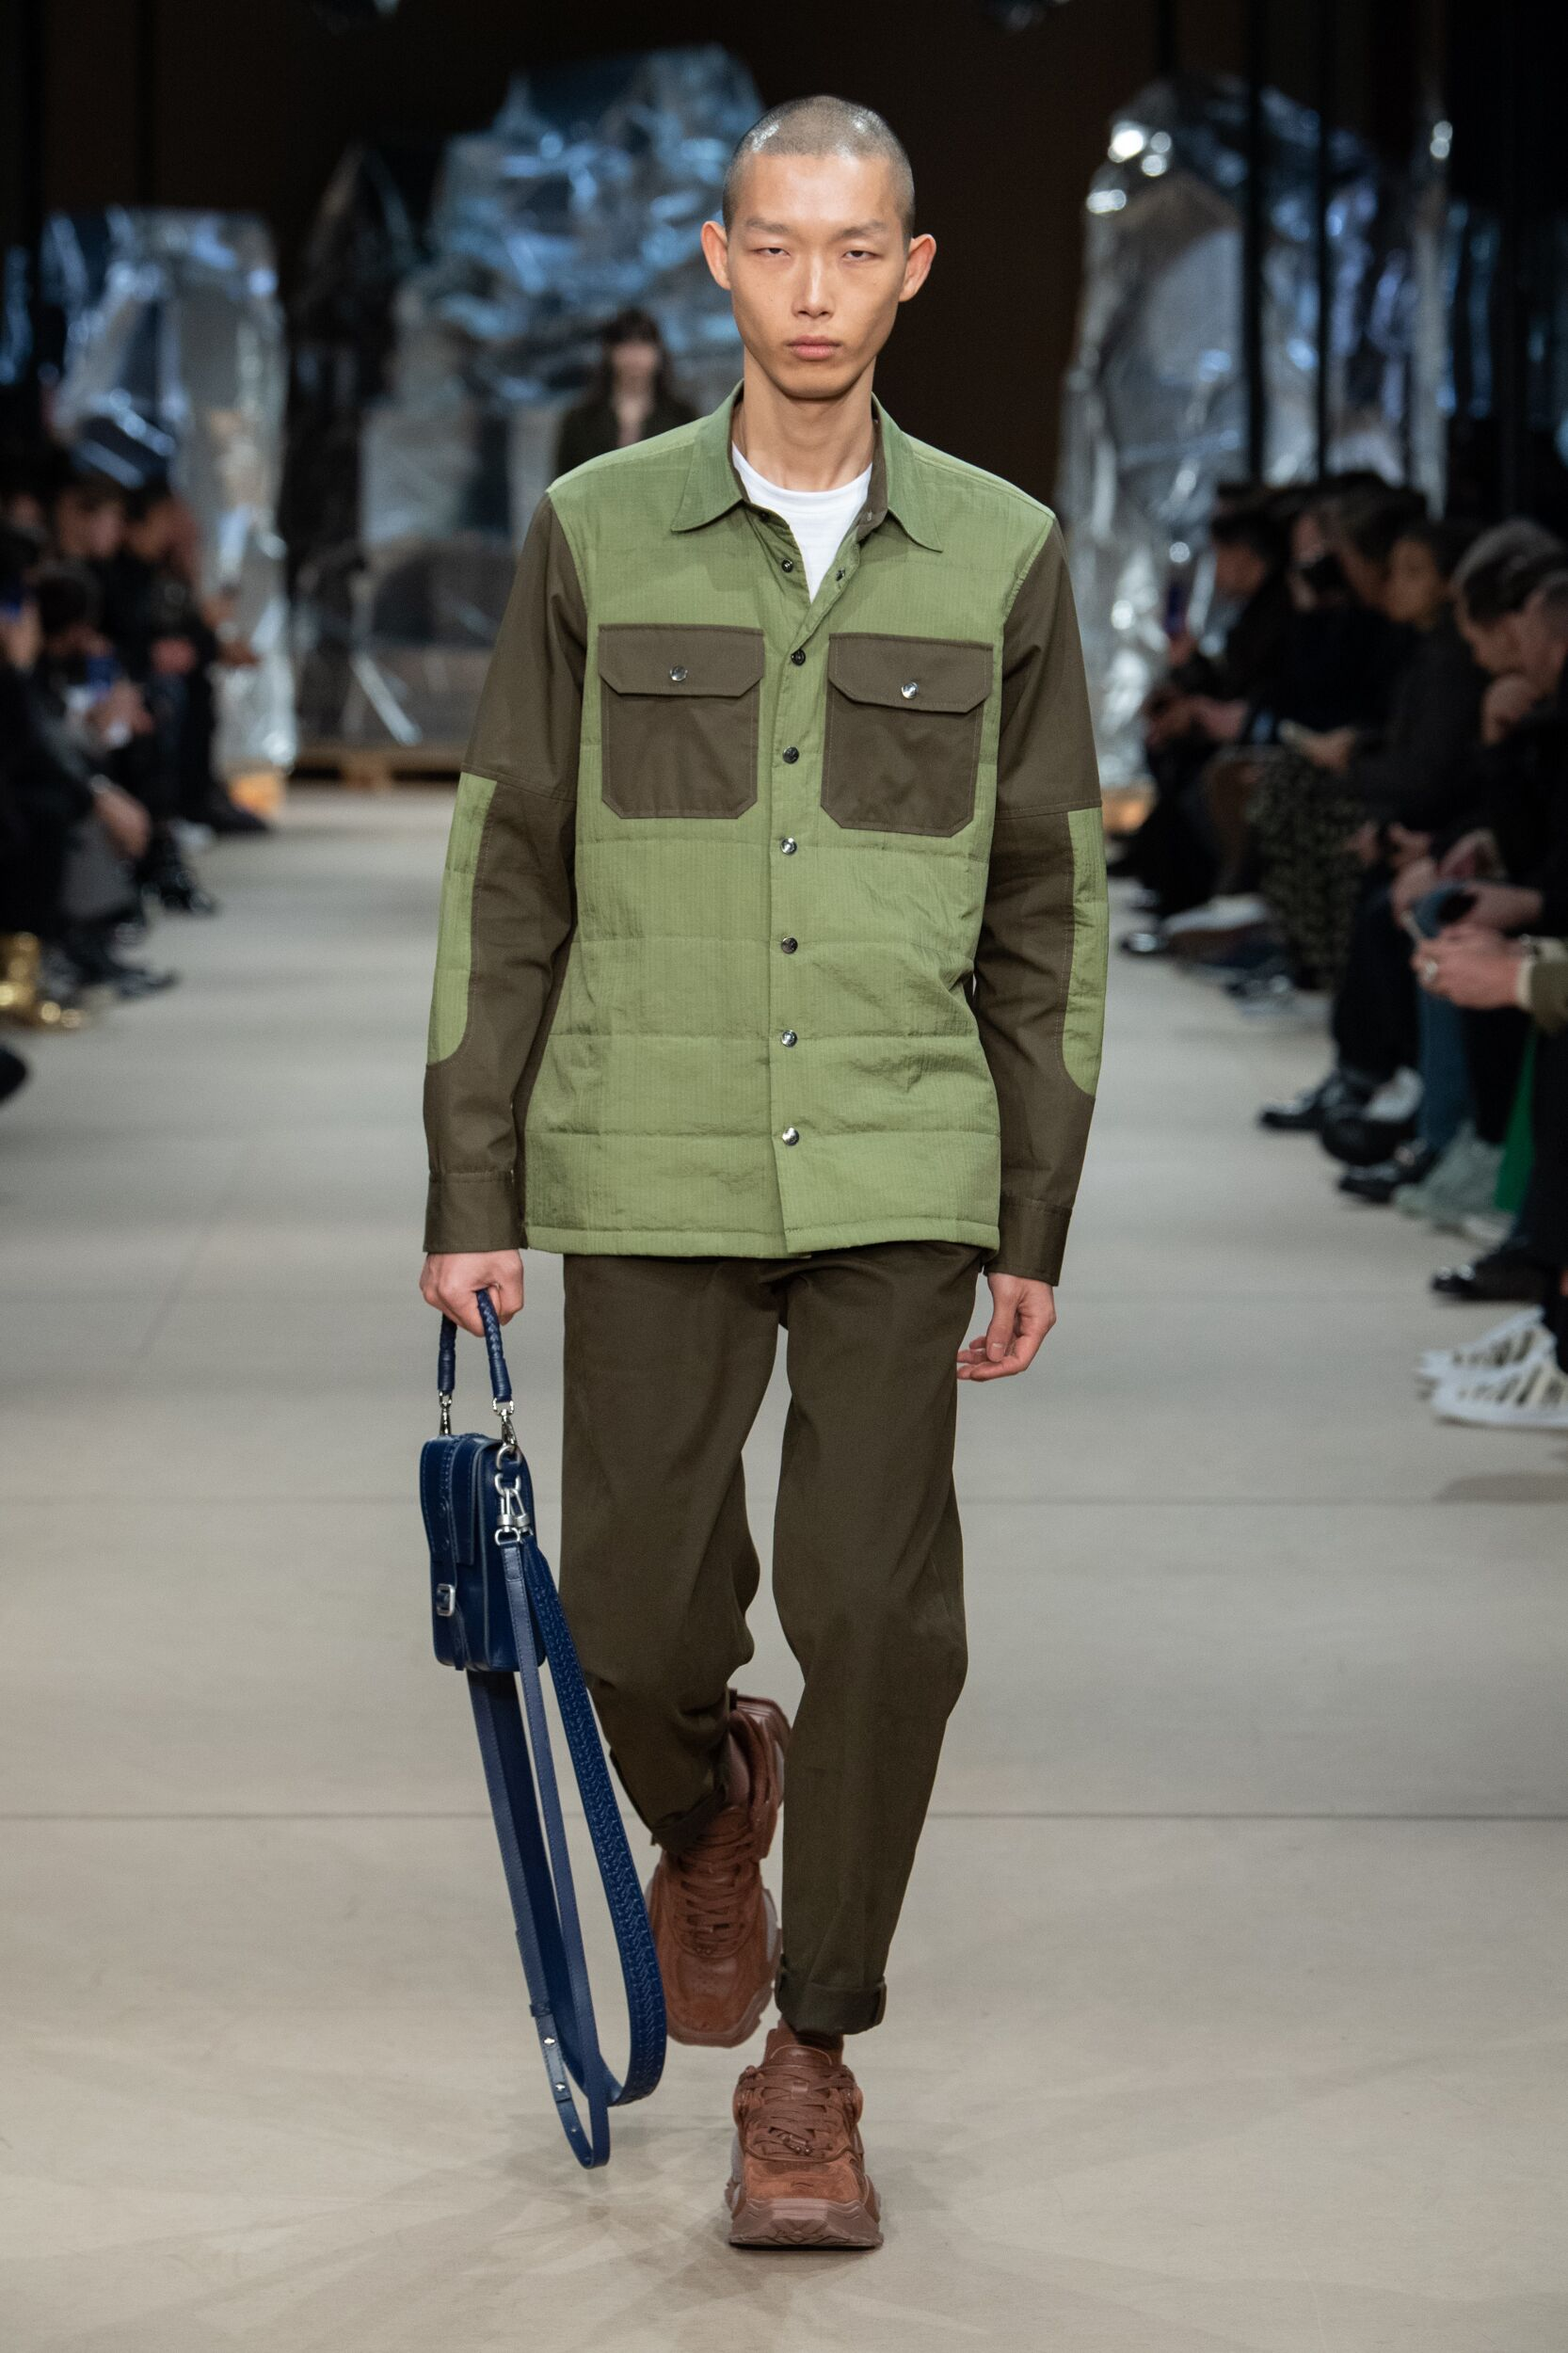 2020 Catwalk Neil Barrett Man Fashion Show Winter